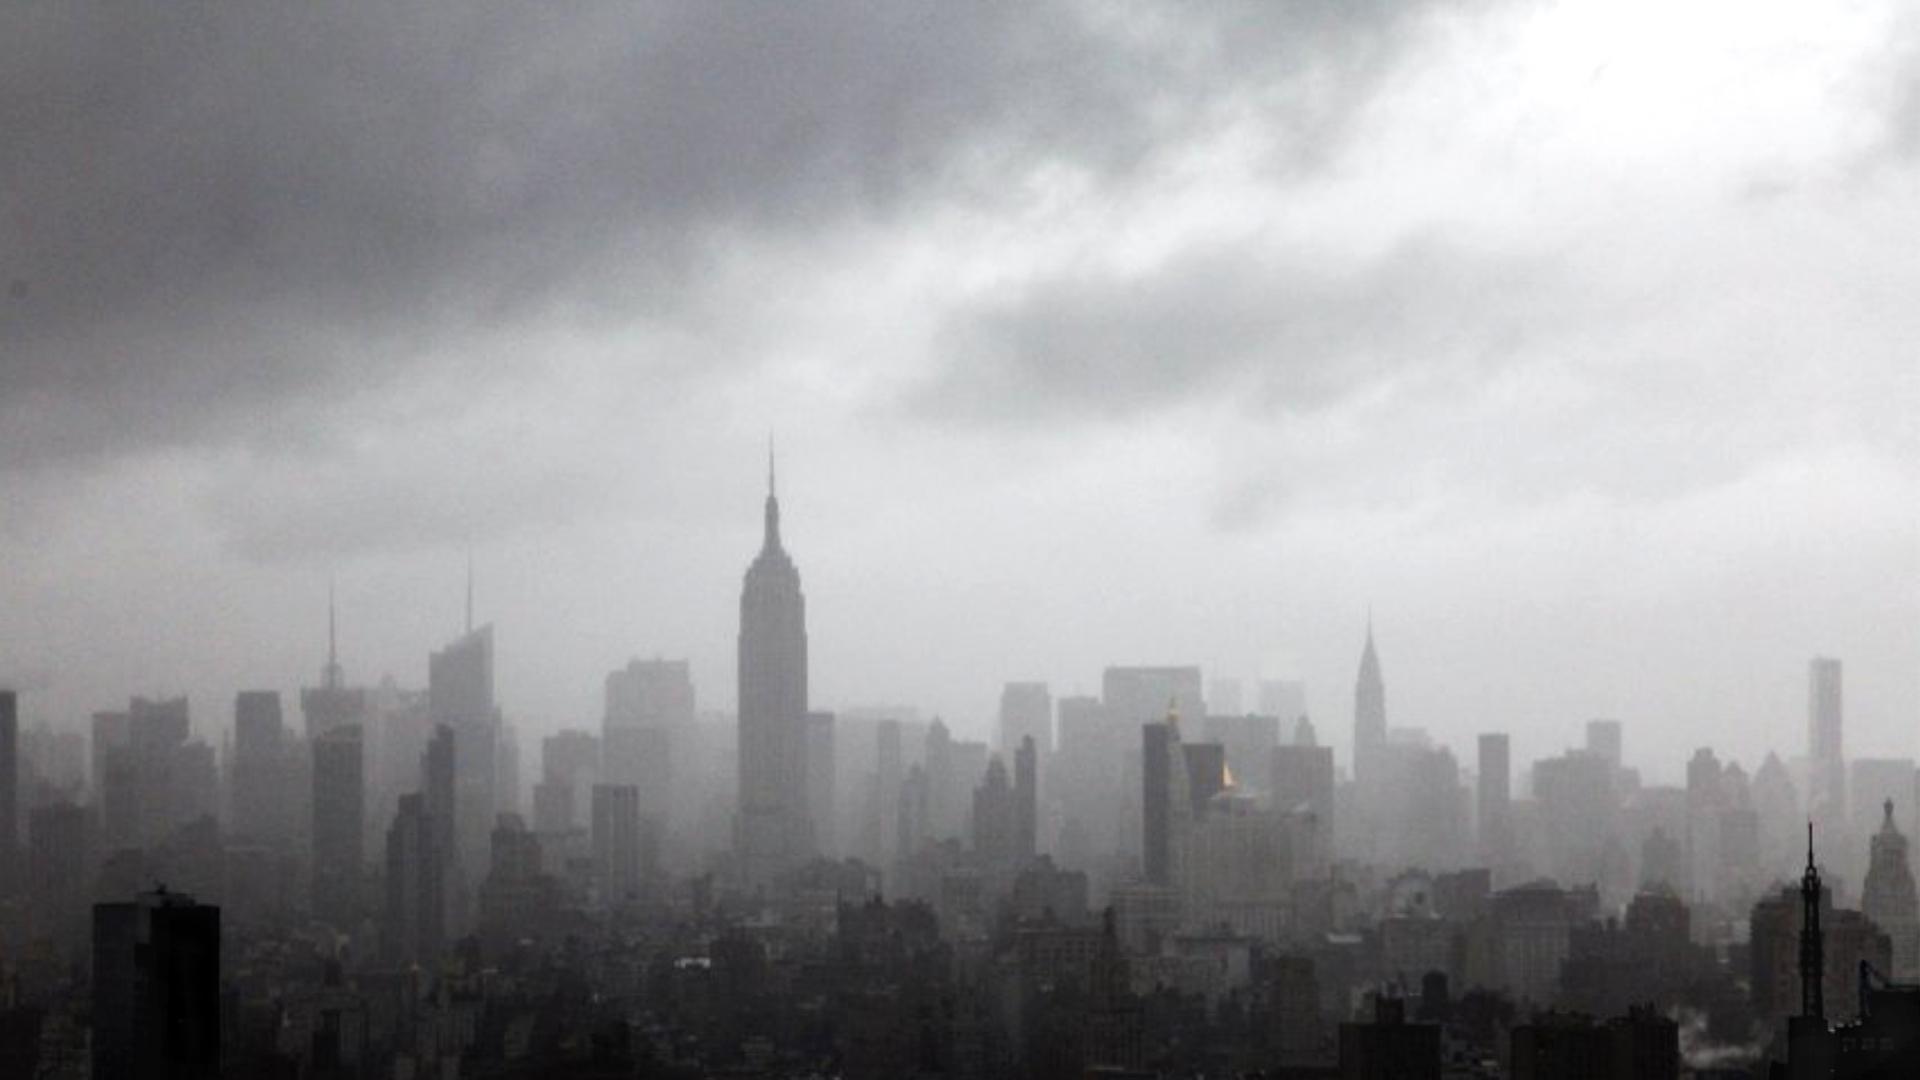 Fall Mist Wallpaper On Love In New York The Art Of Making Art